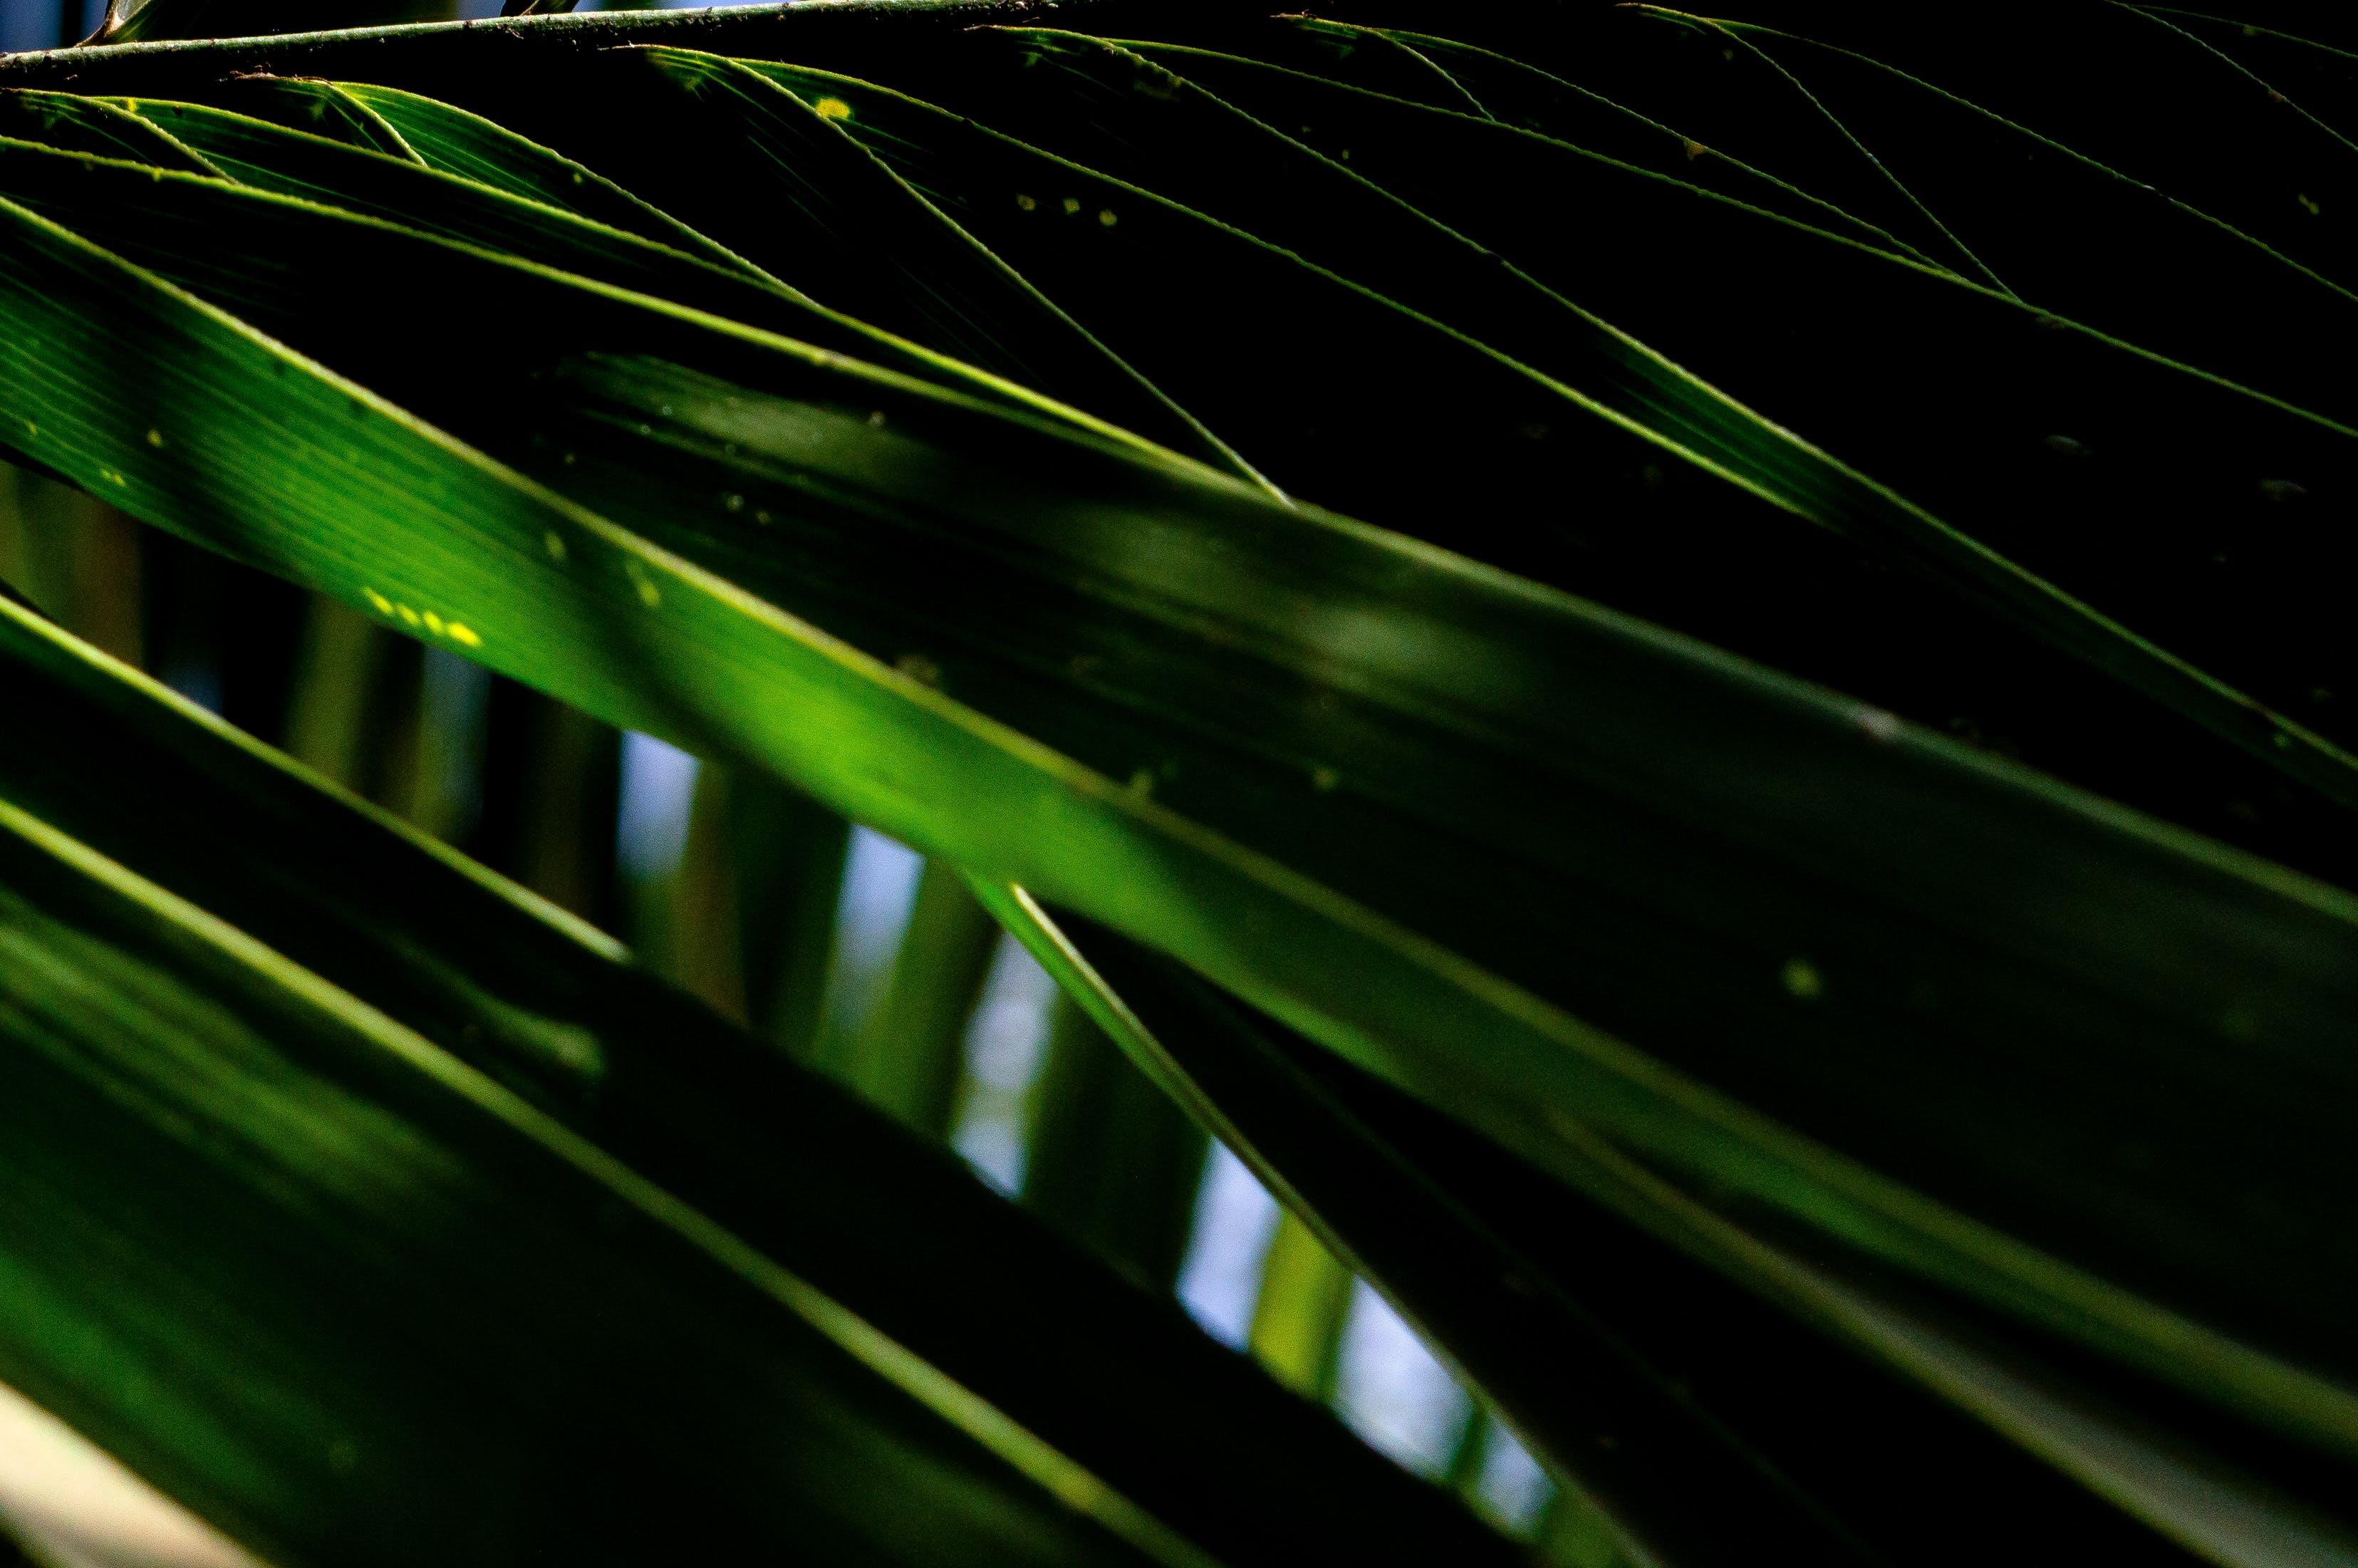 Gratis stockfoto met close-up, fabriek, groen, natuur